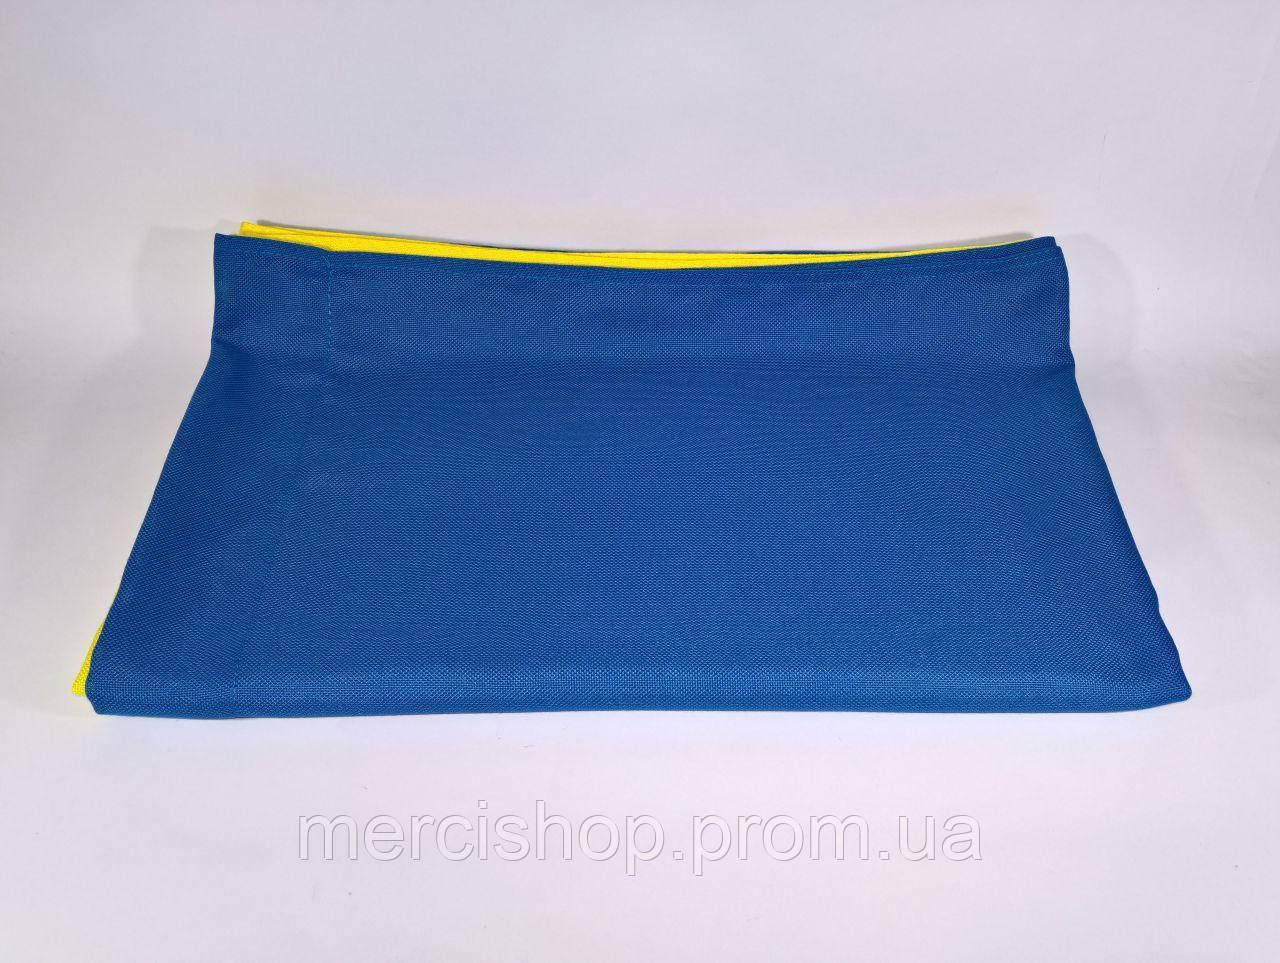 Флаг Украины 100см*150см - 1 Год гарантии 90см*135см